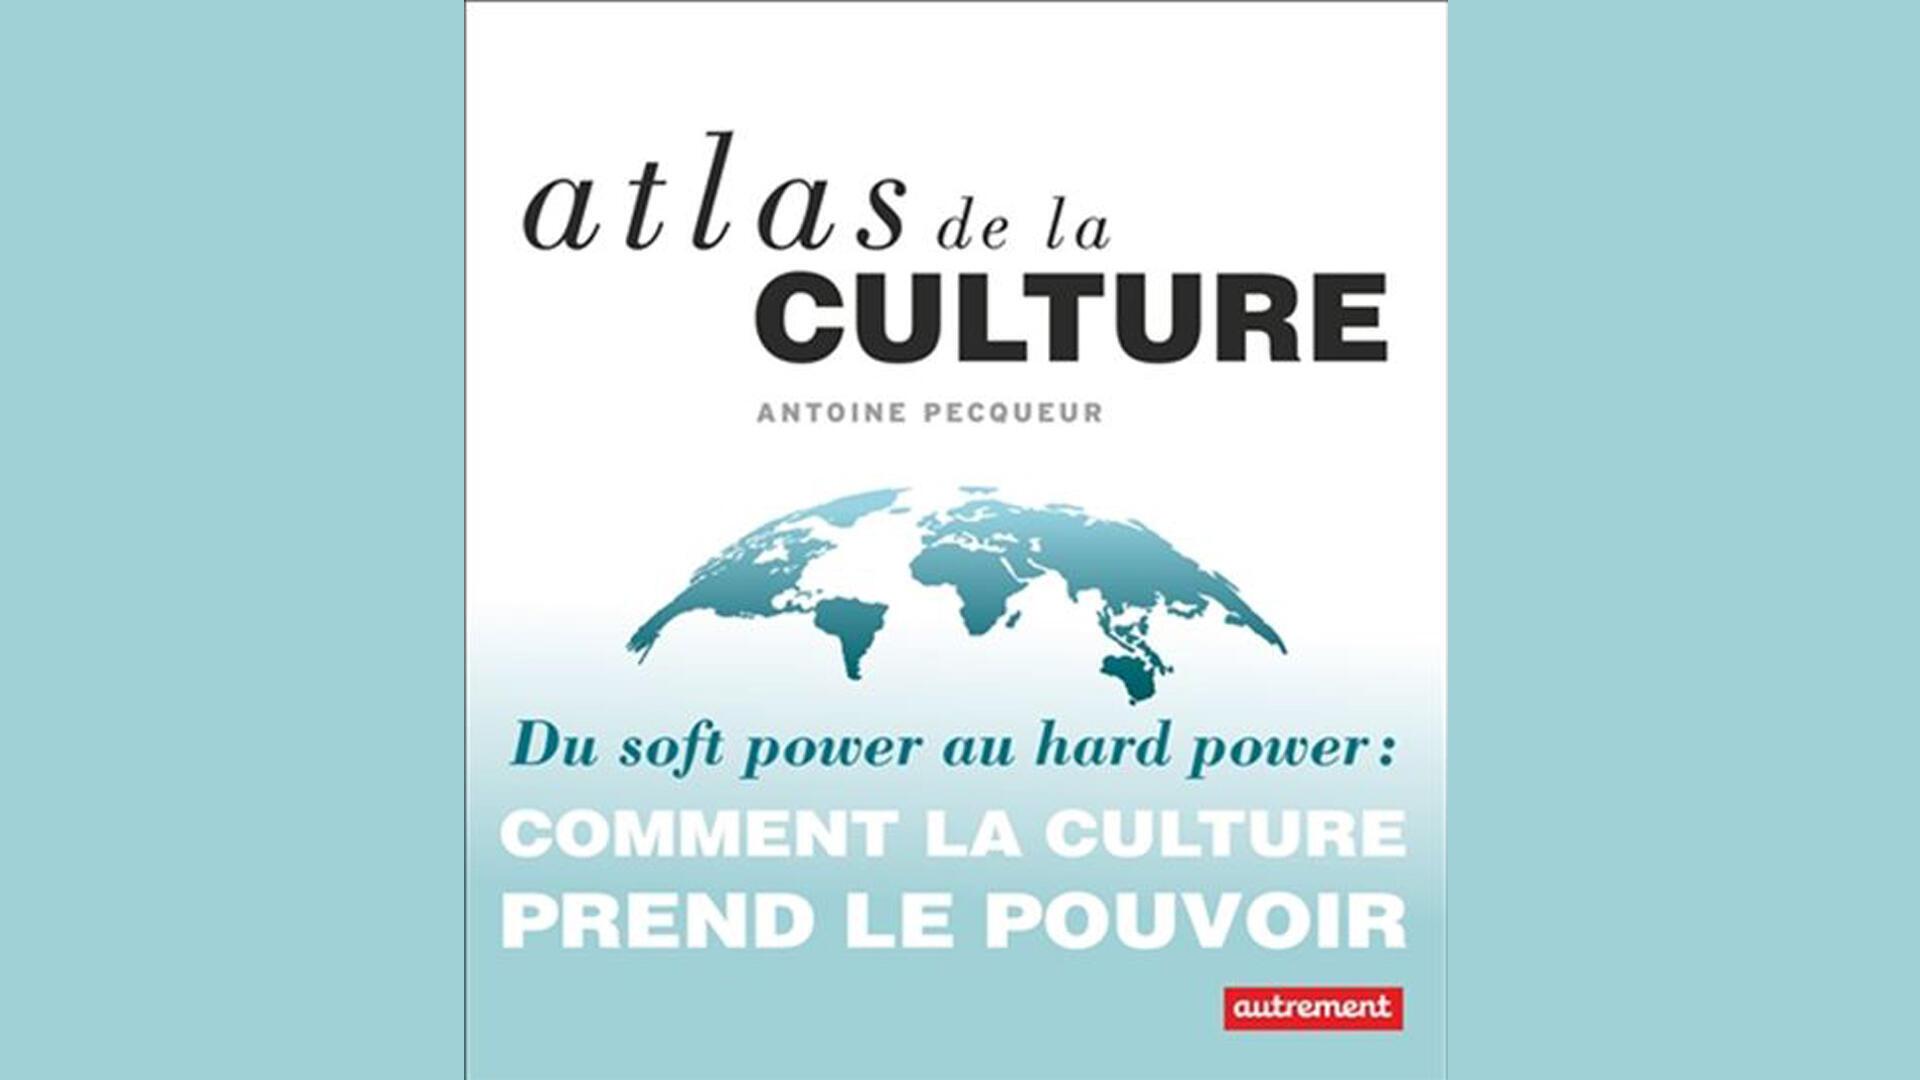 «Du soft power au hard power : comment la culture prend le pouvoir», d'Antoine Pecqueur.